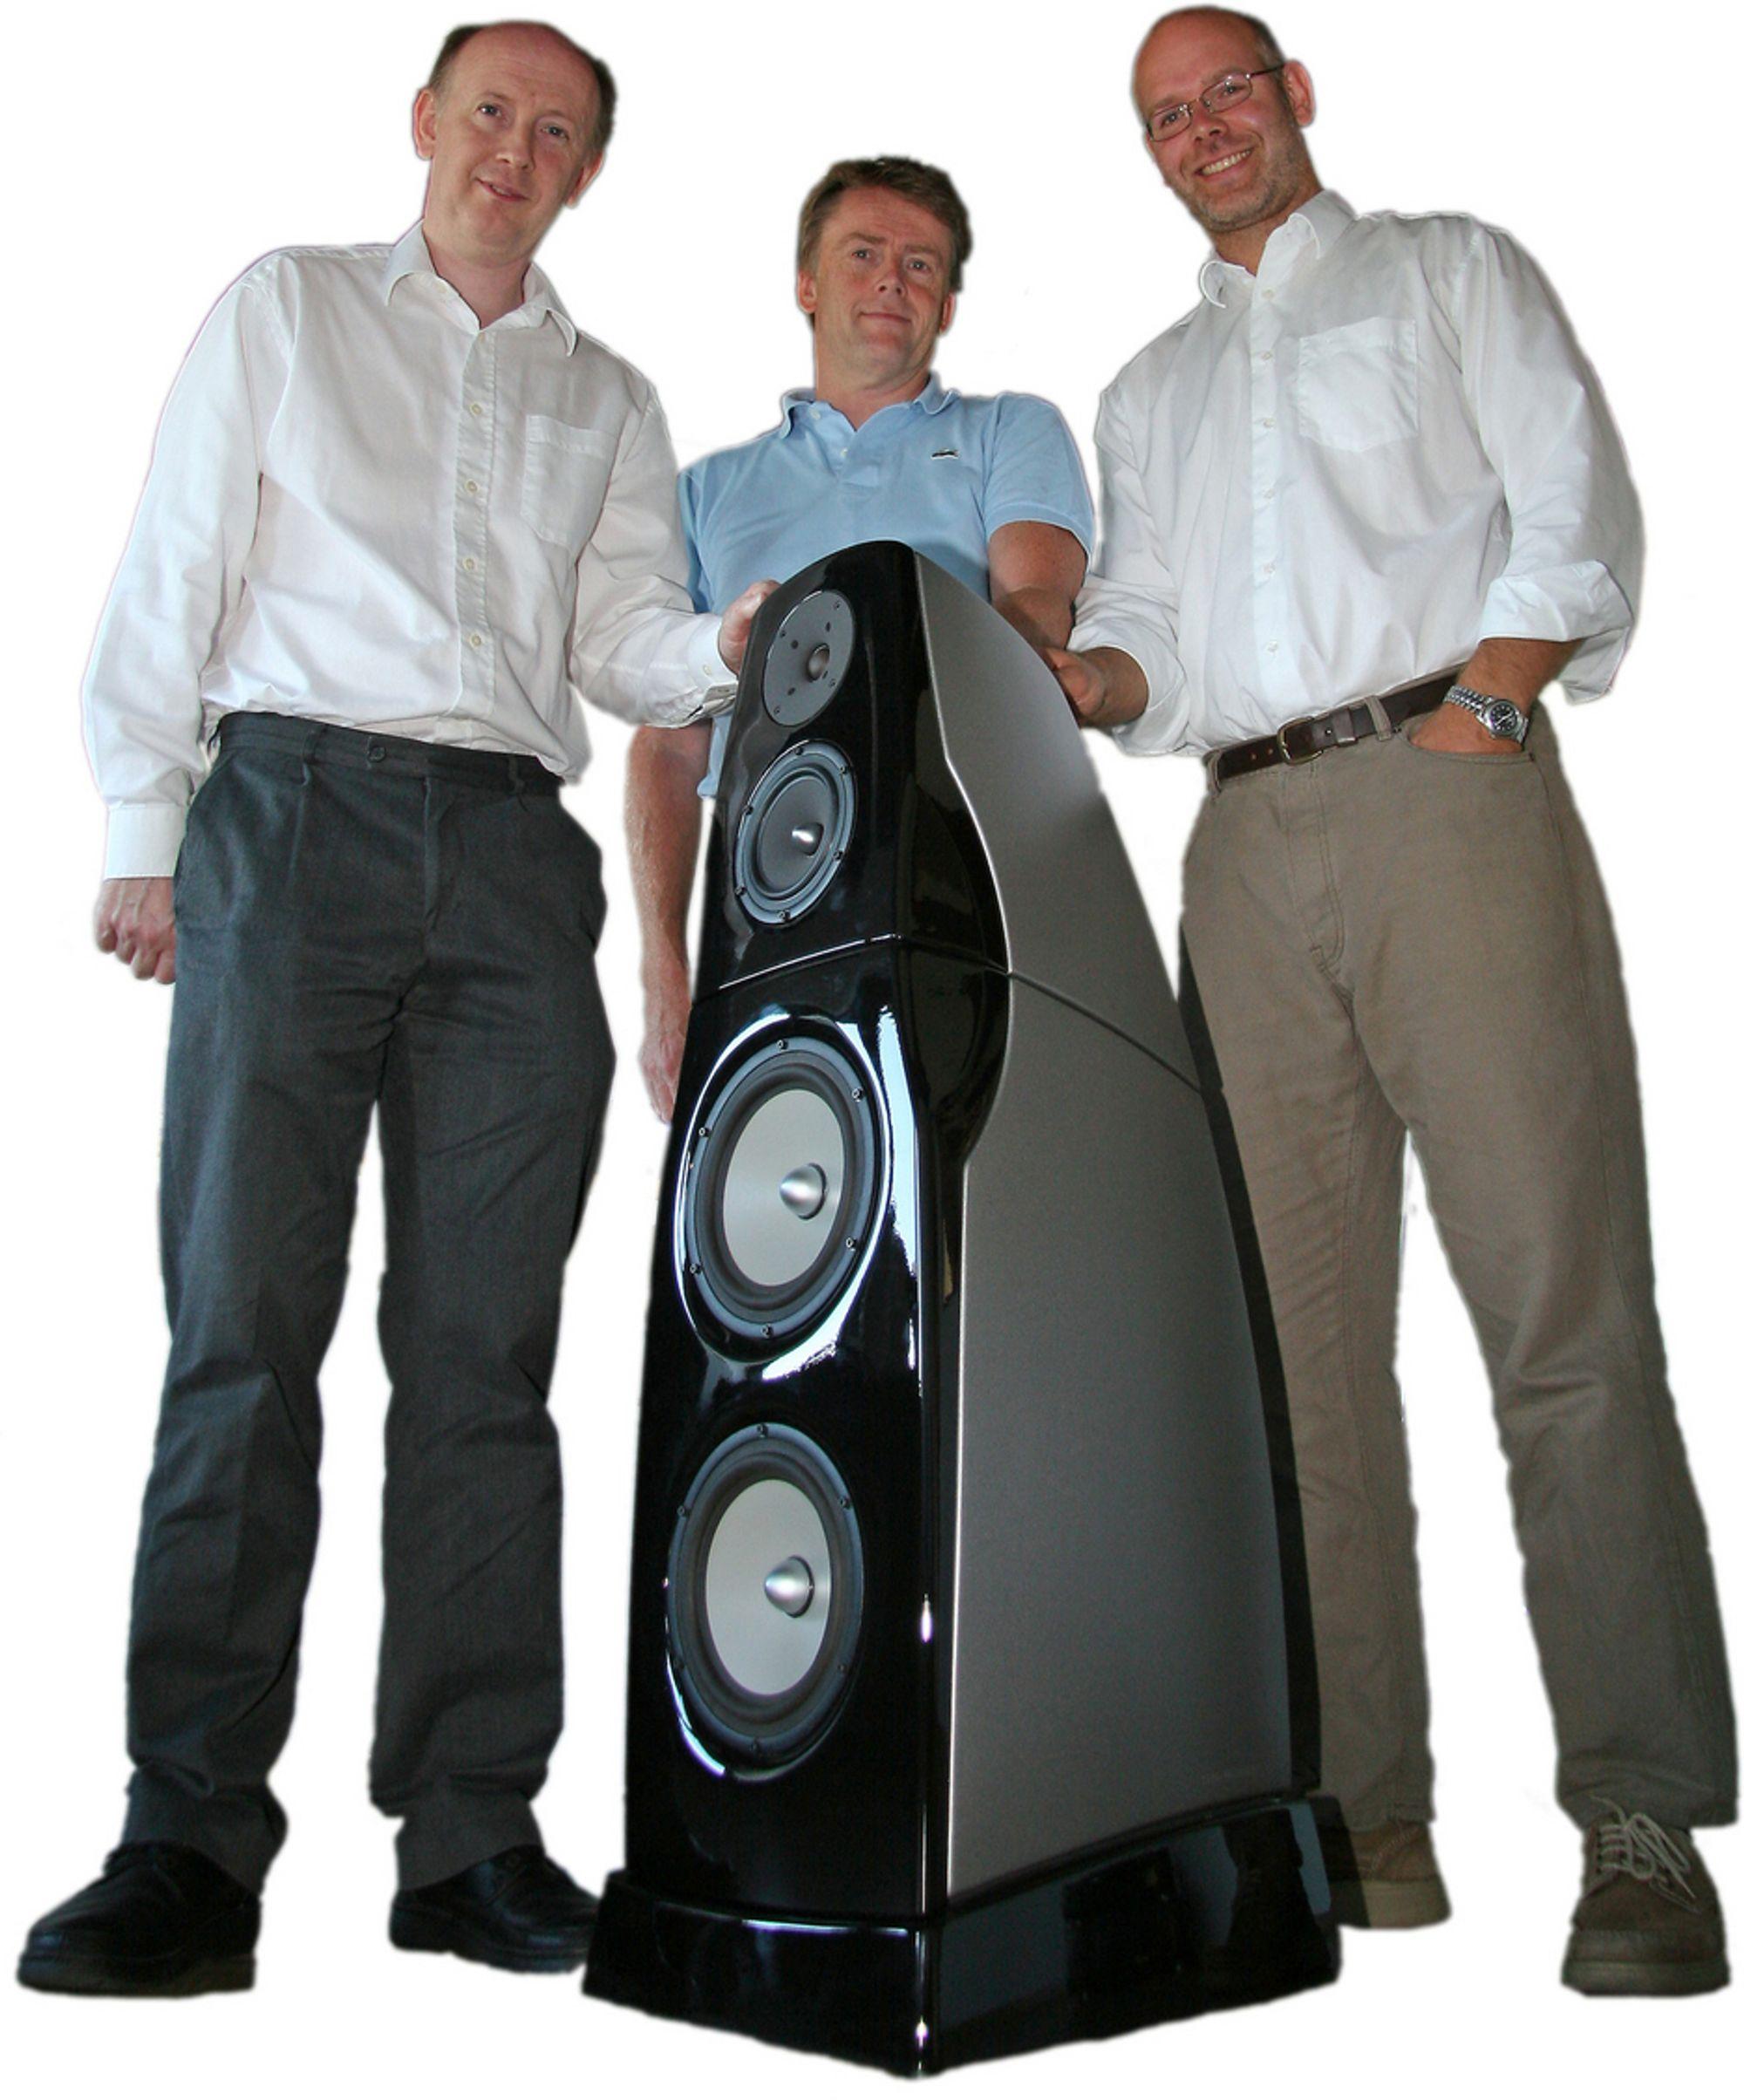 SKAPT NYTT: Akustikkspesialist Mike Newman, ekspert på aluminiumsstøping Trond Gewelt og ingeniørbedriften Adigo, ved Øyvind Overskeid og Sigmund Øvereng (ikke på bildet), har gått sammen om å skape lyd i verdensklasse. Selve høyttaleren er en ganske massiv sak som står på en sokkel med delefilteret. I midten er bassmodulen med to høyttalerelementer og øverst en modul for diskant og mellomtone.